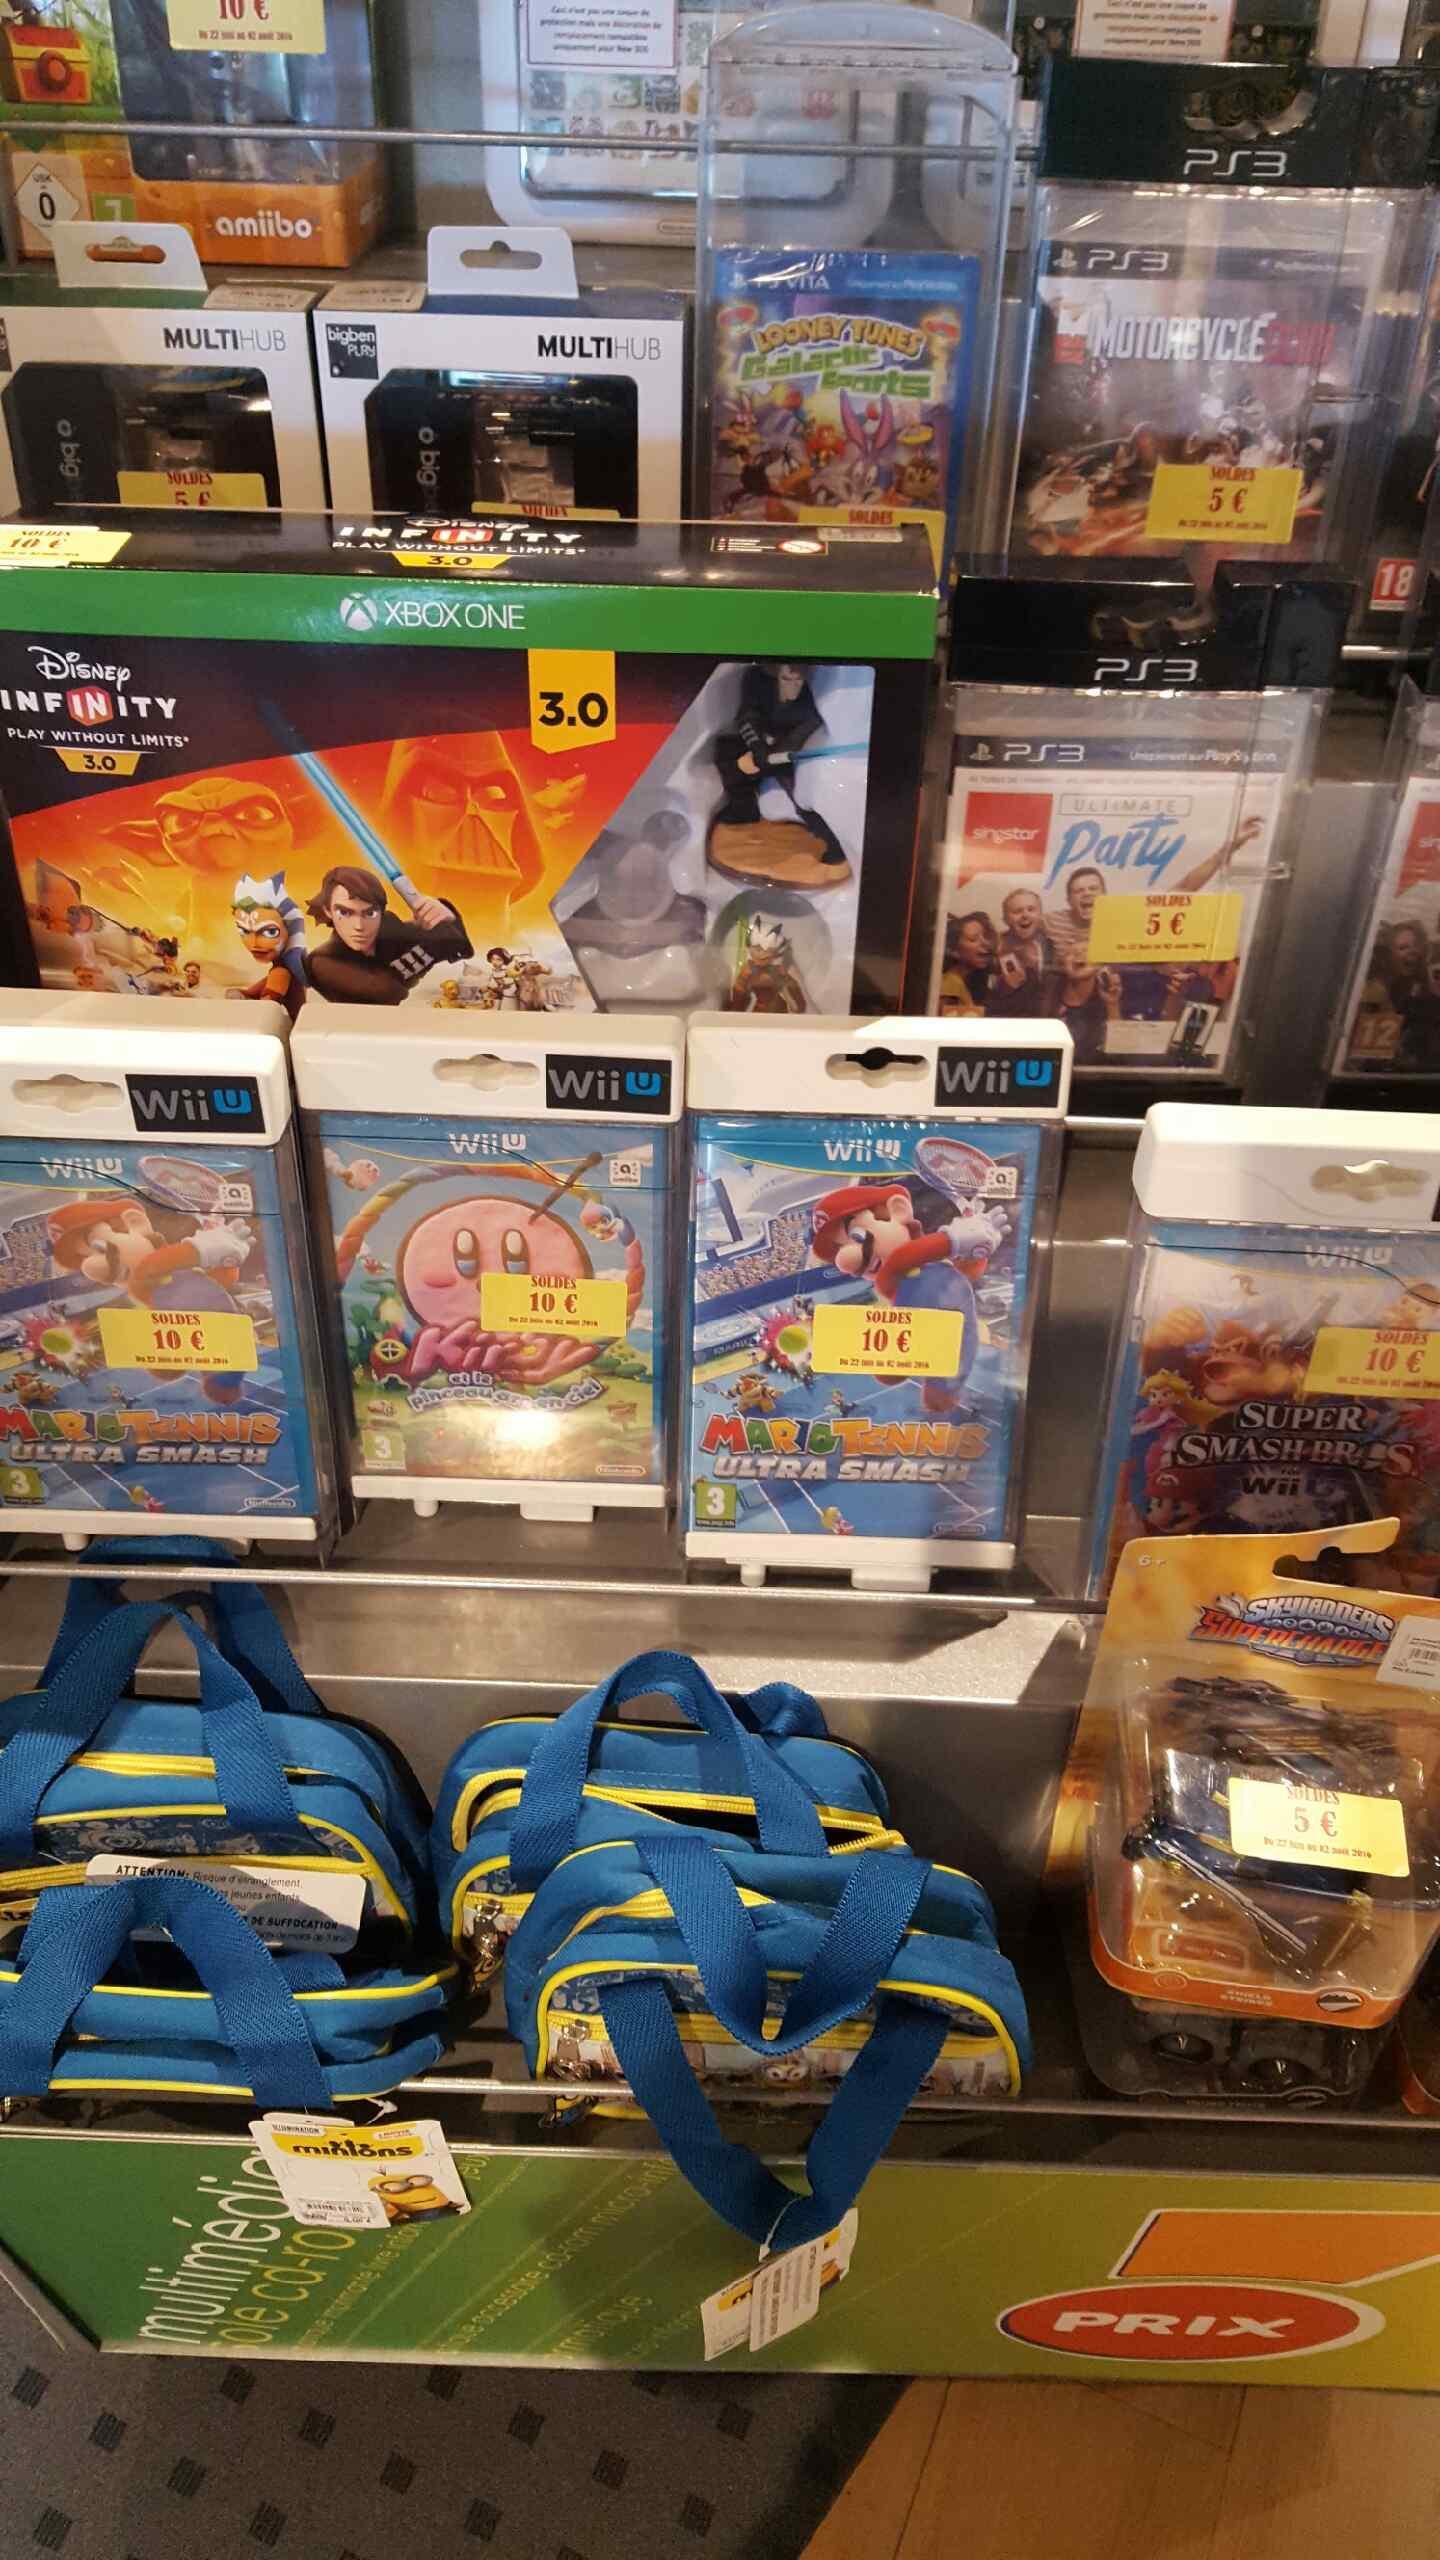 Sélection de jeux-vidéo en promotion - Ex : Kirby et Le Pinceau arc-en-ciel sur Wii U